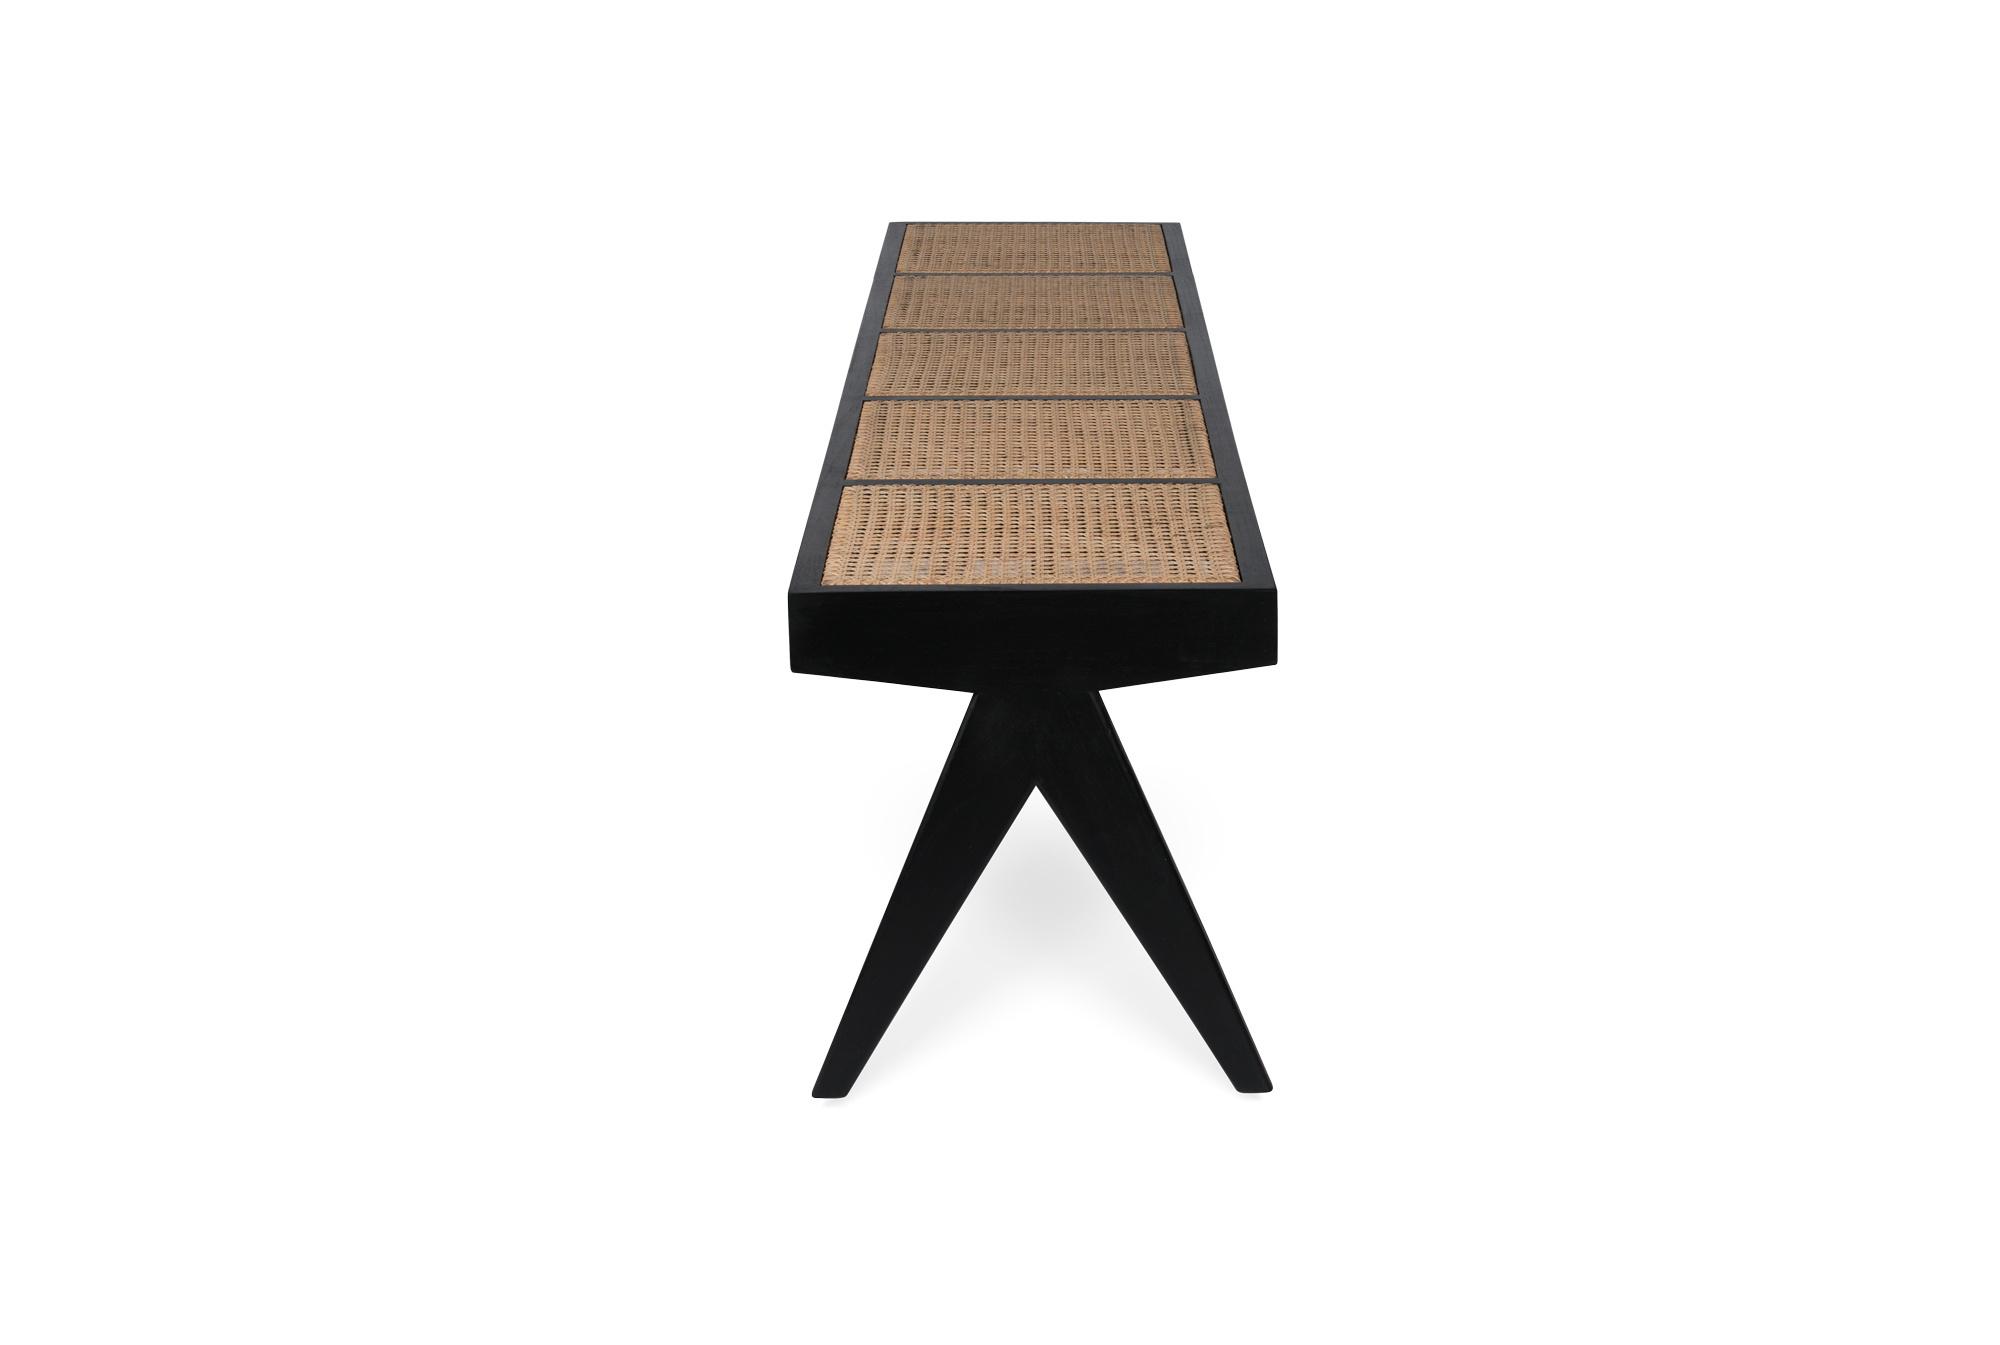 Bench / B.T.H. Flats 5 - Charcoal Black-3